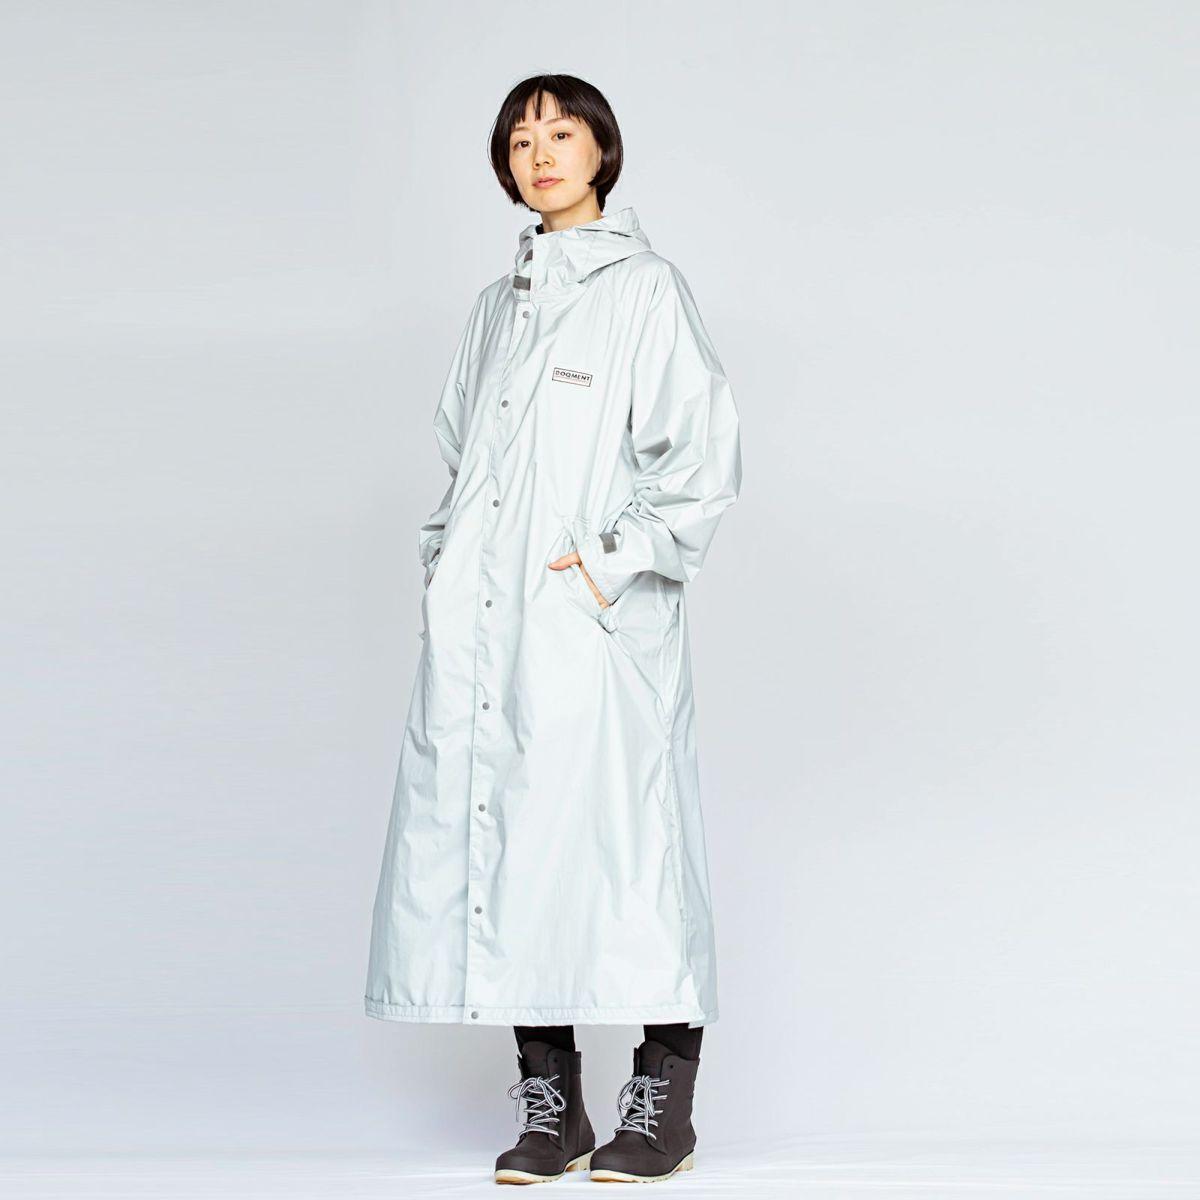 [女性モデルのサイズ]身長:168cm 着用サイズ:L /(長靴)6437 ピラルク レインブーツ